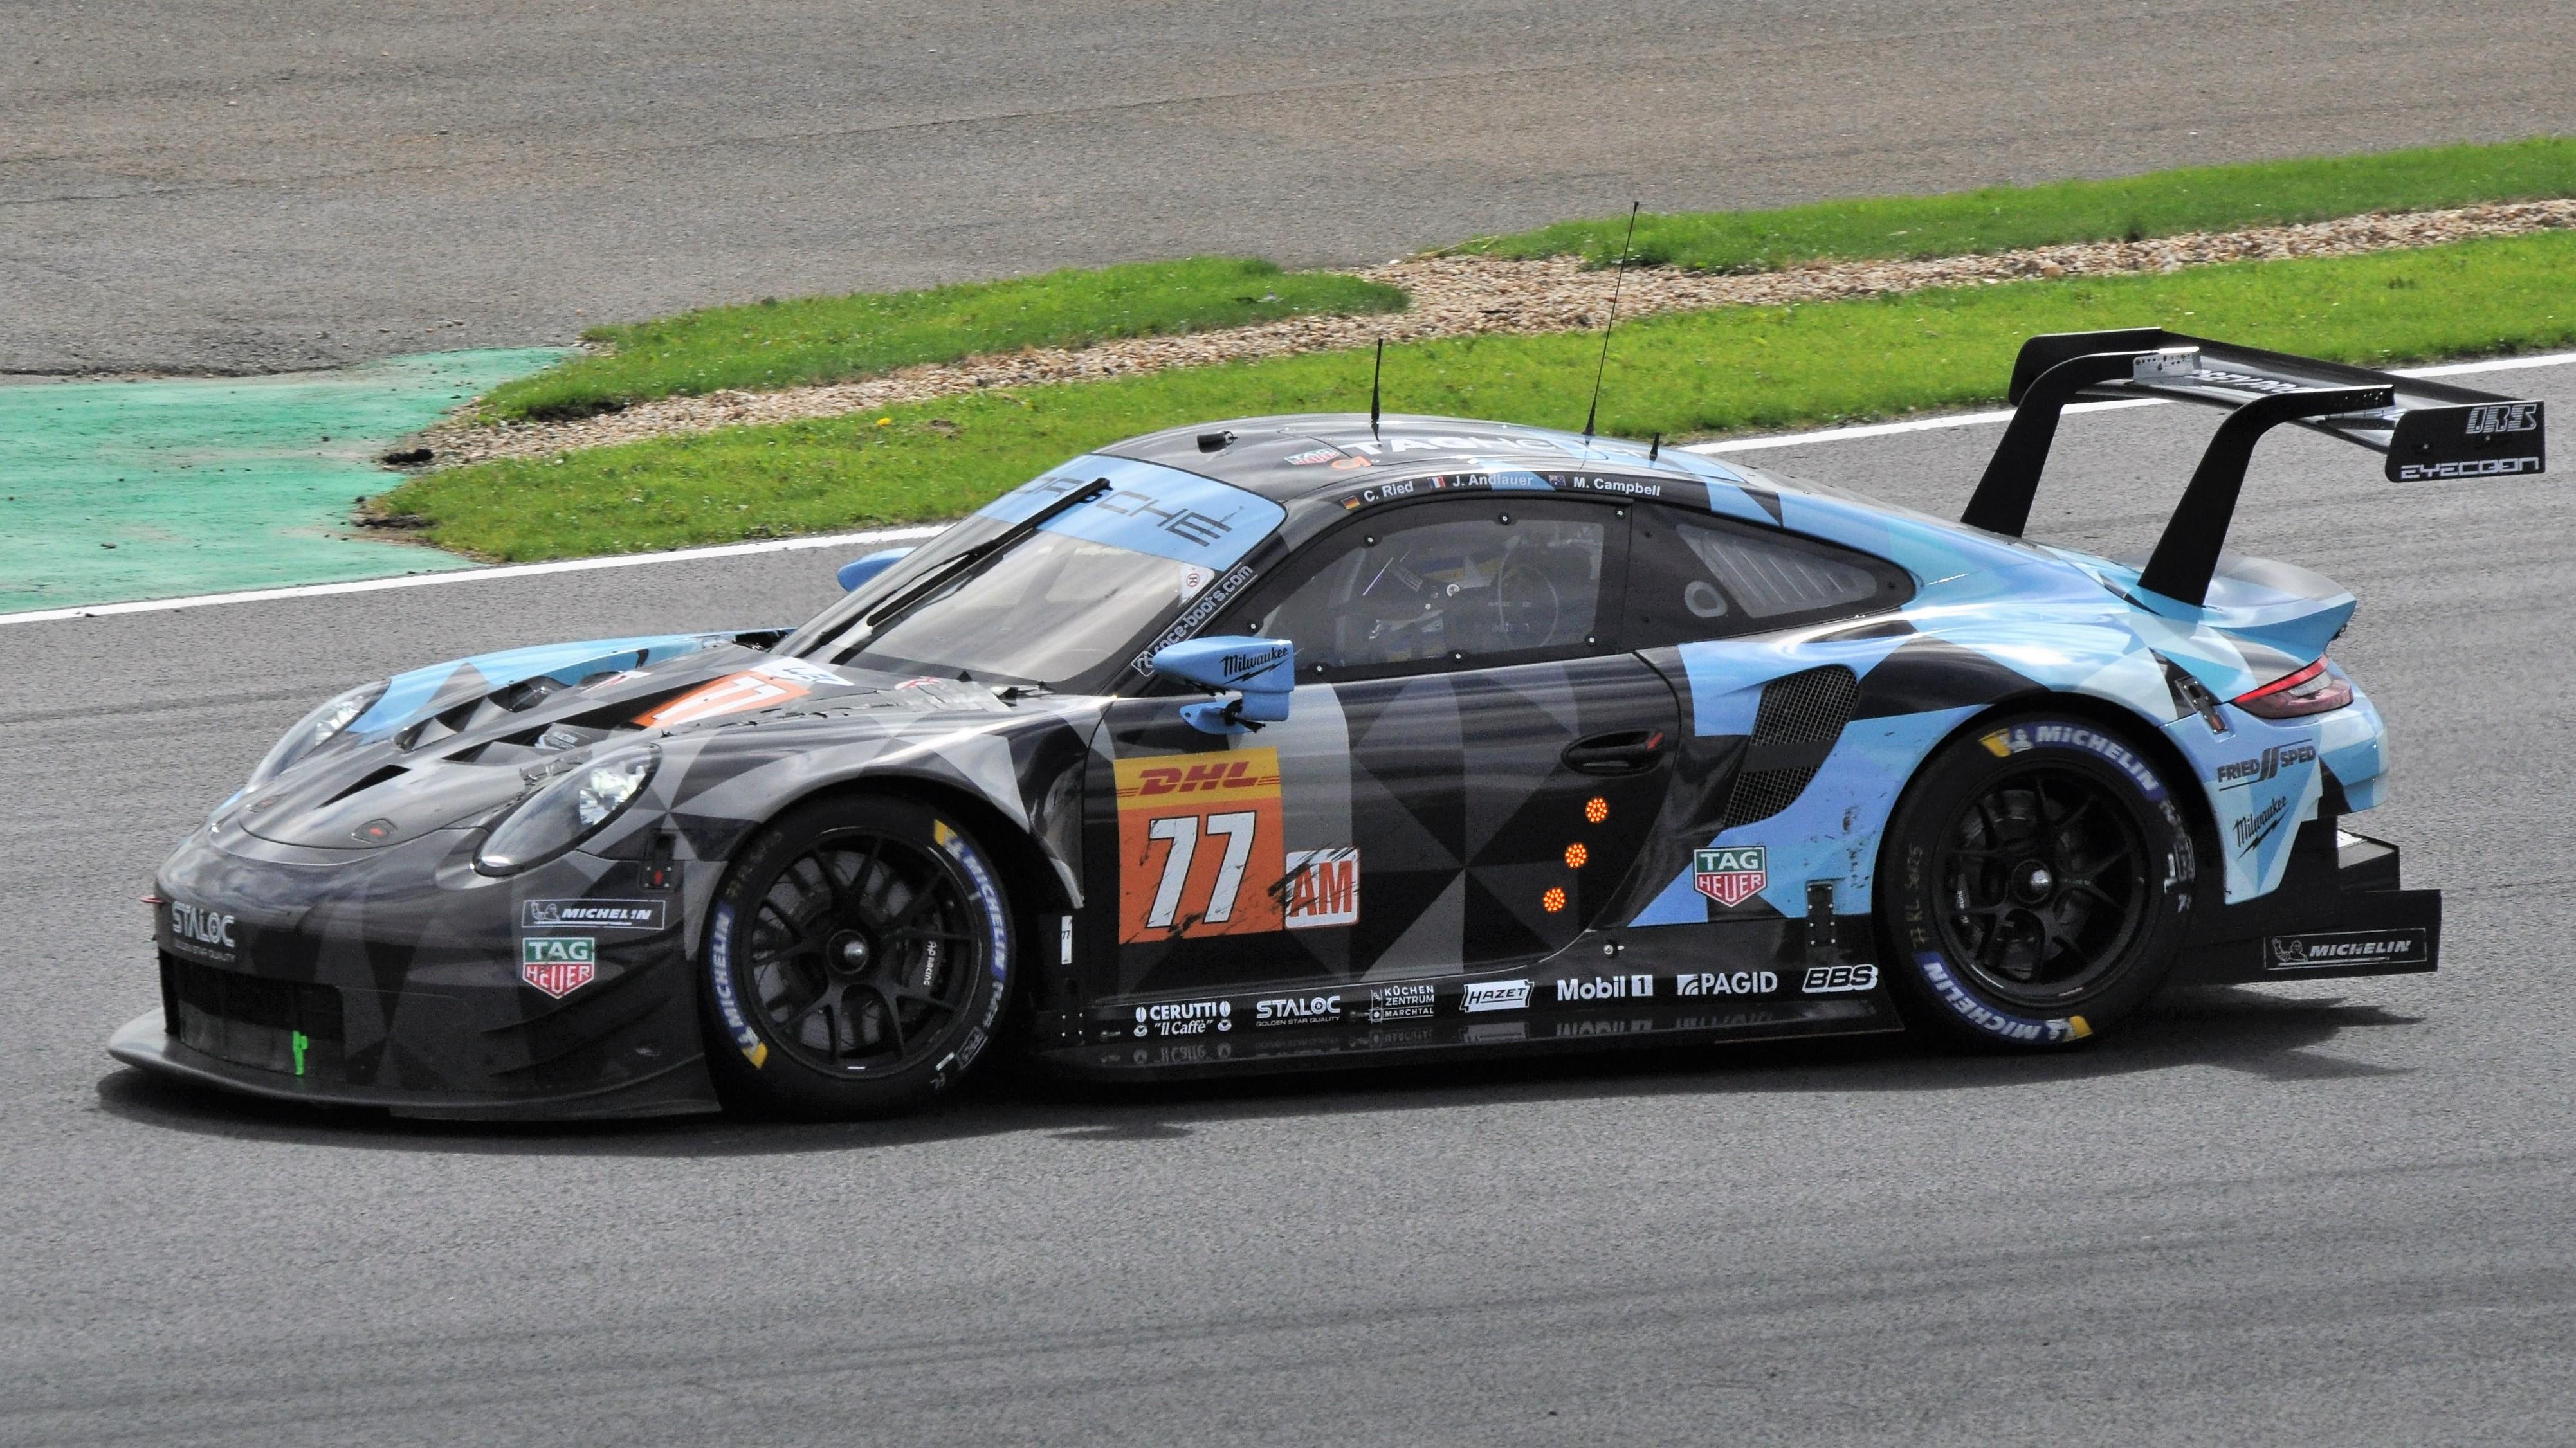 Porsche Race Cars >> Porsche 911 Rsr 2017 Wikipedia